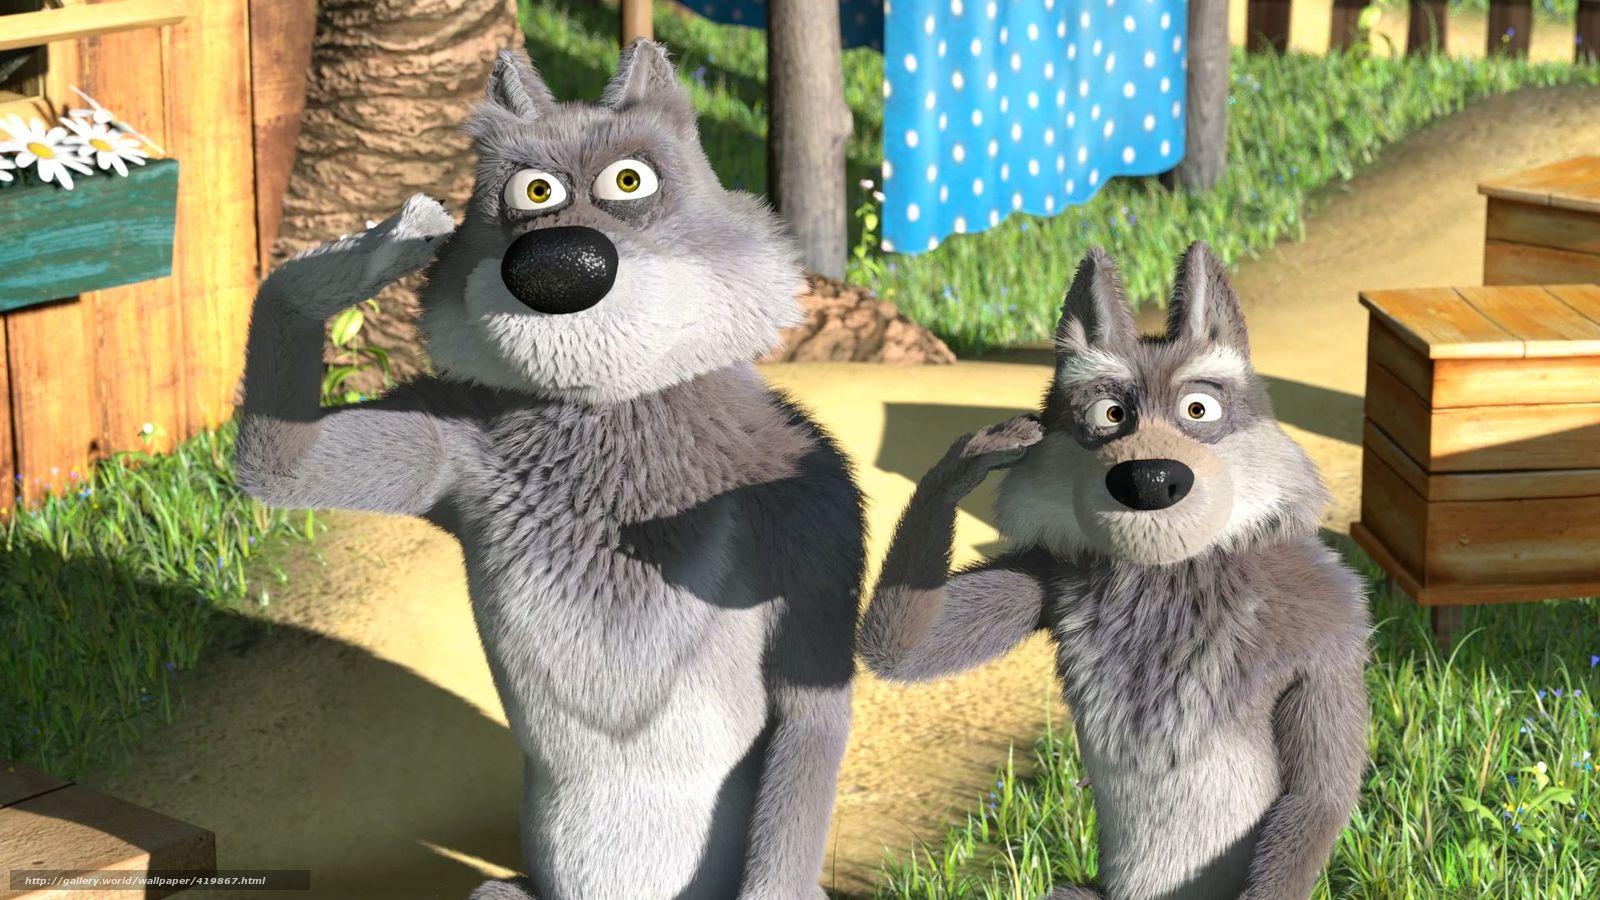 Scaricare gli sfondi masha e l orso cartone animato lupi